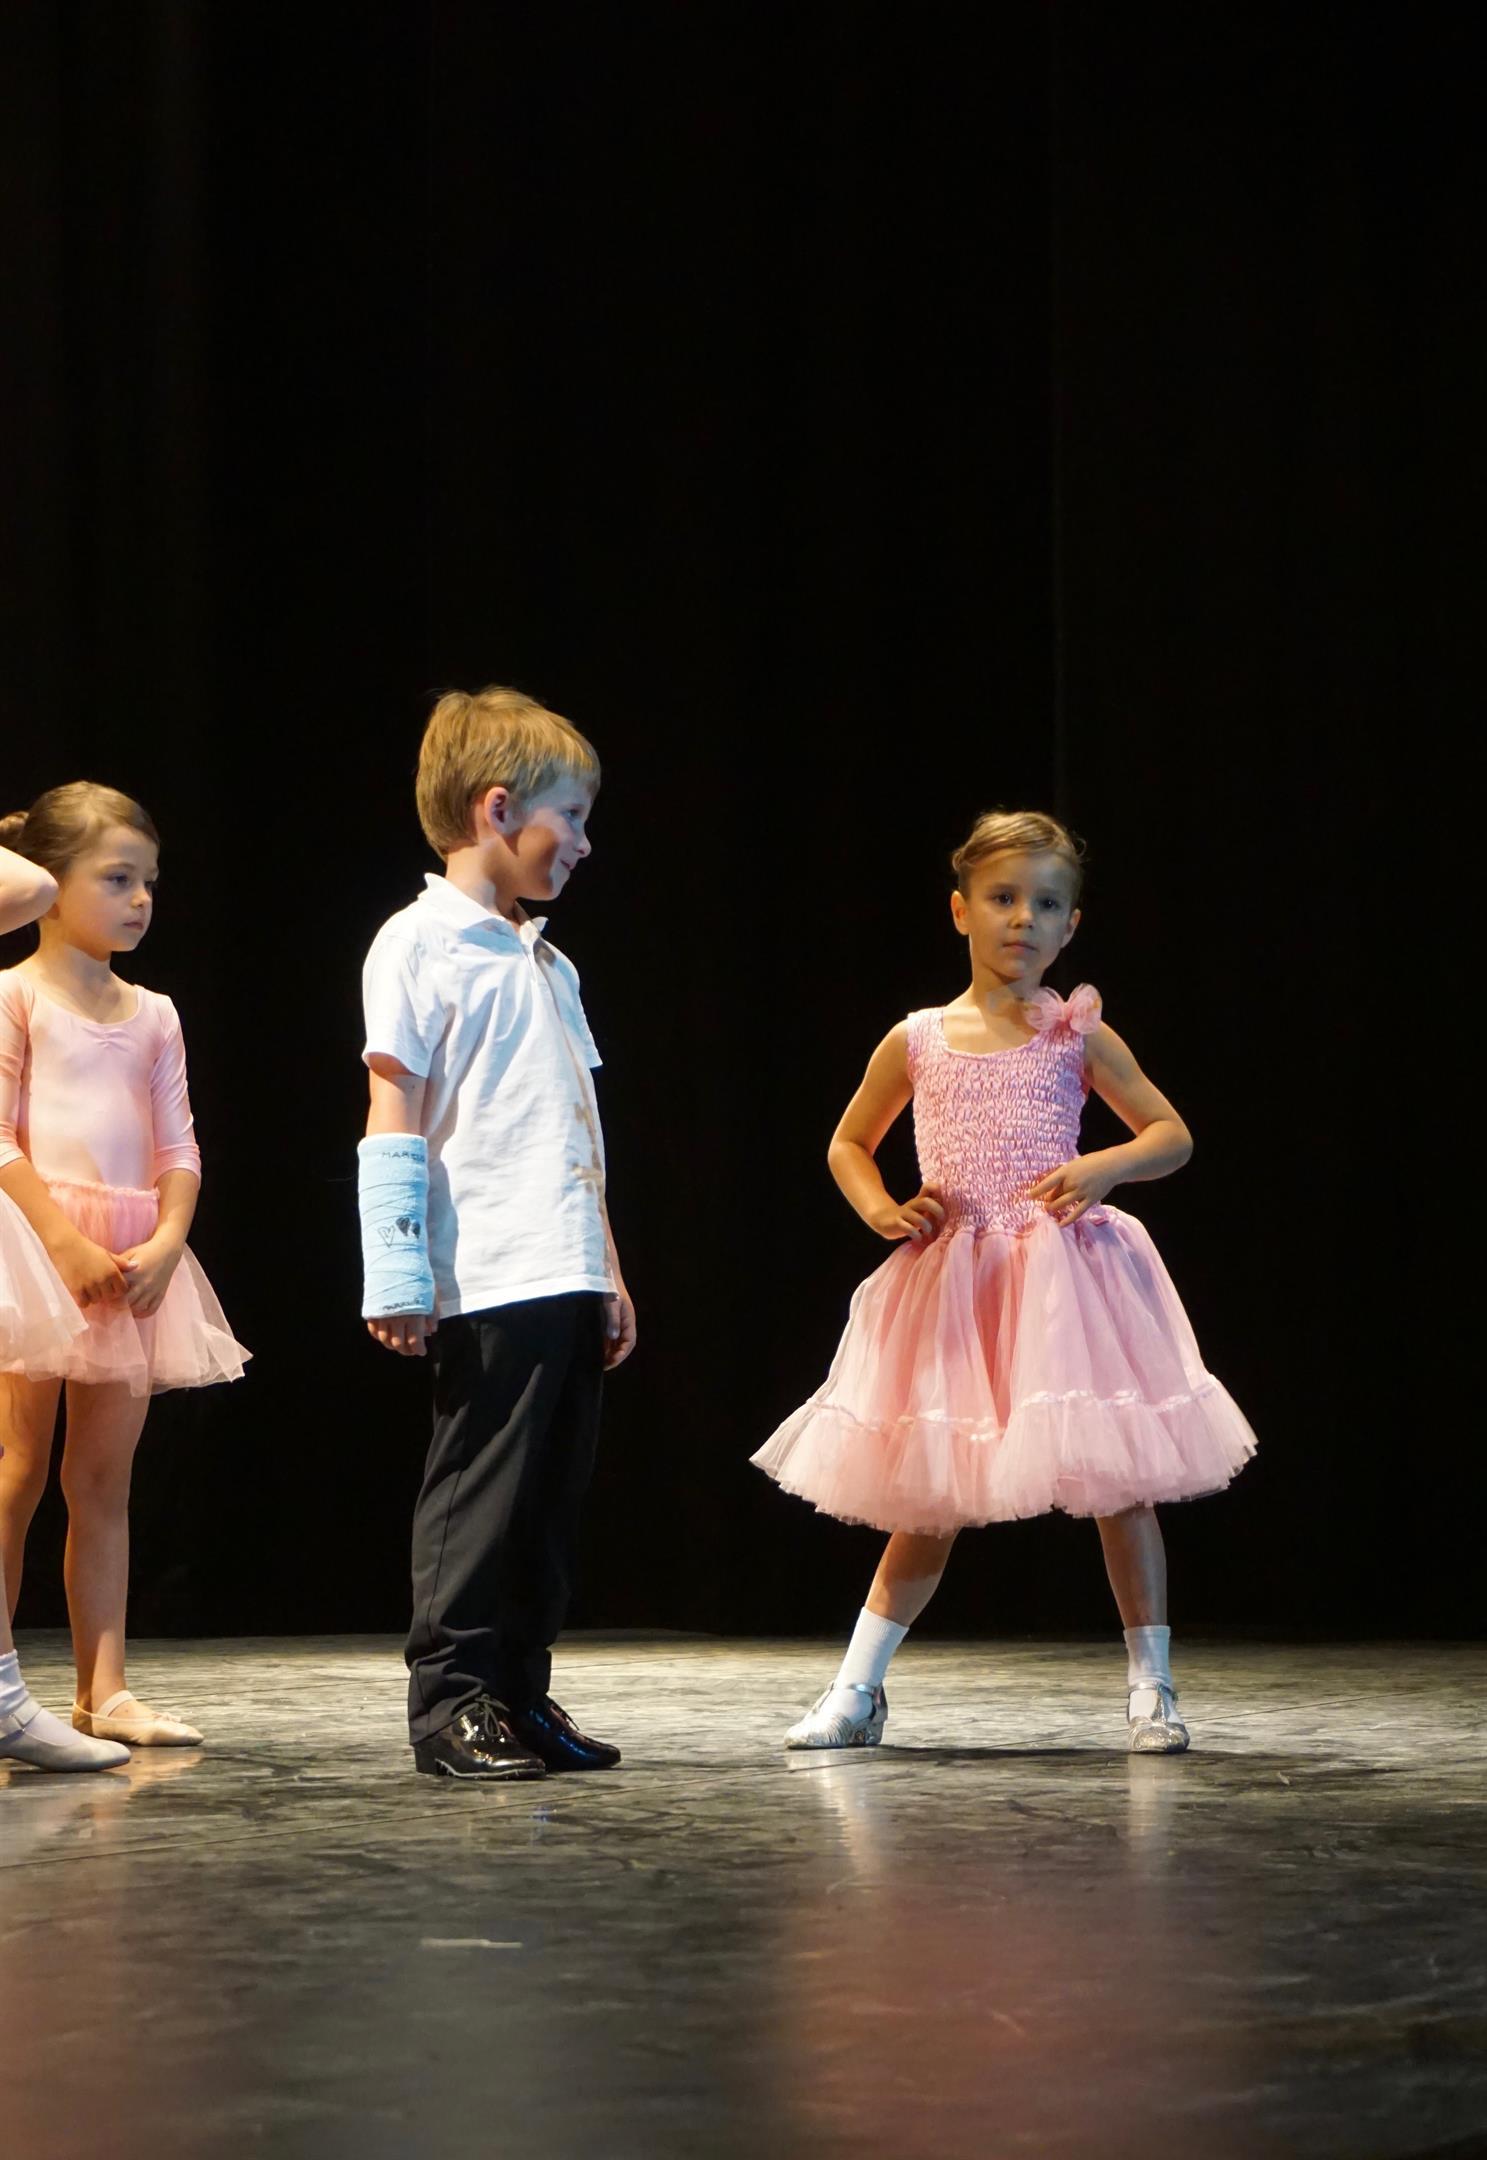 to af vores søde små dansere som gør sig klar til næste dans